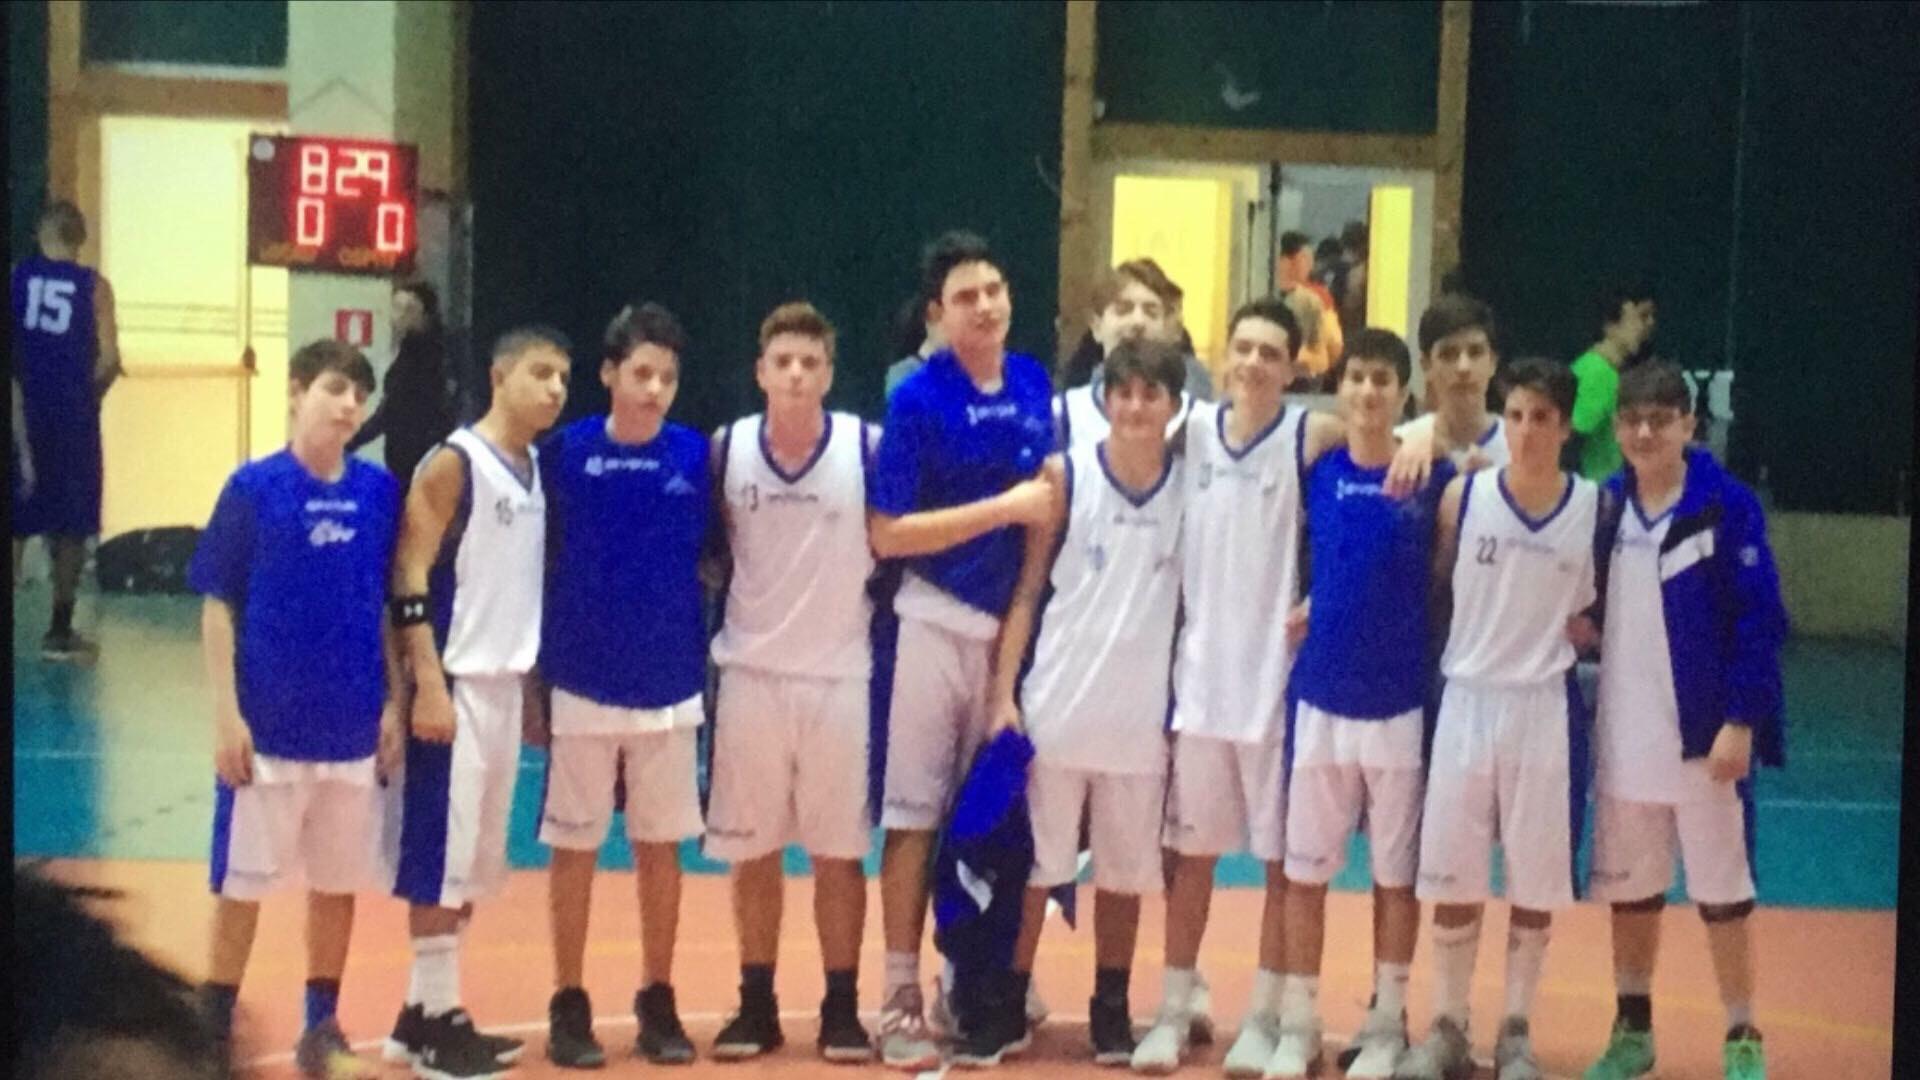 U15Ecc-Torneo In.TO Rome: Vivi Basket vittoriosa con il College Basket